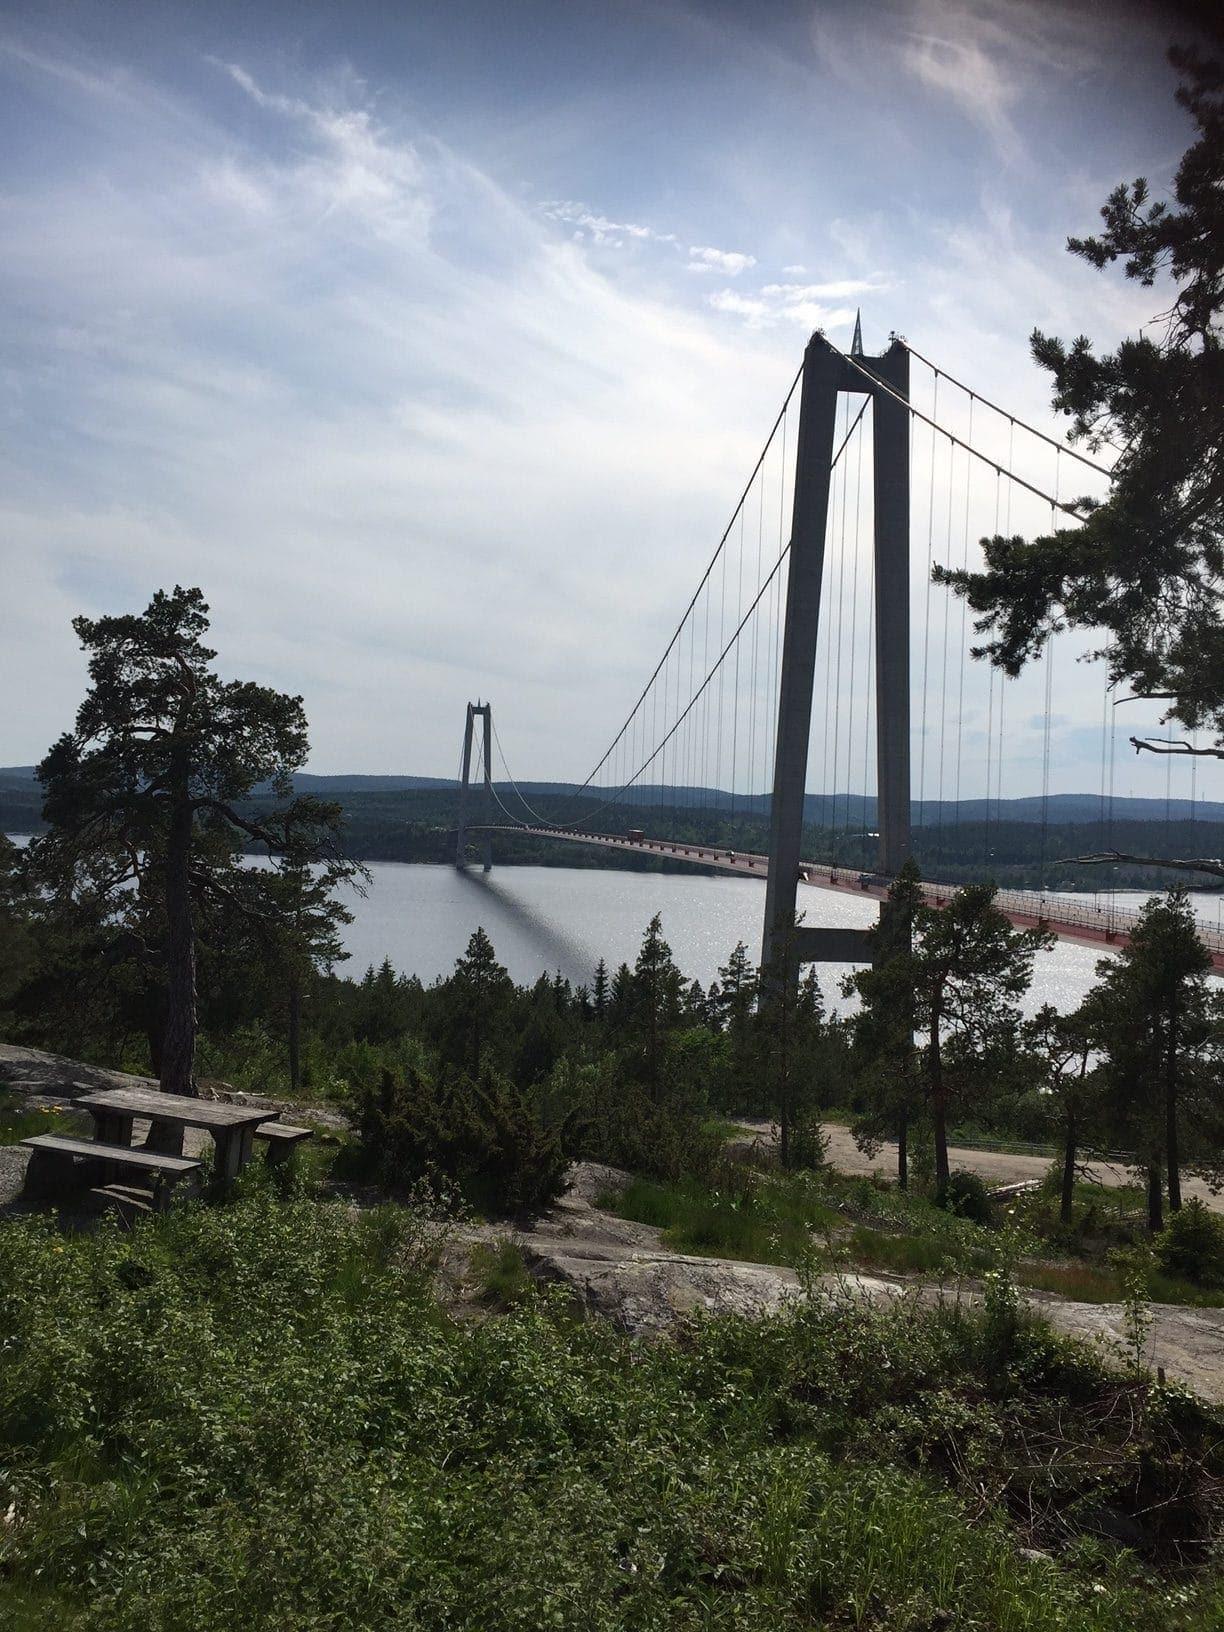 högakustenbron blästring rostskyddsmålning allblästring 04